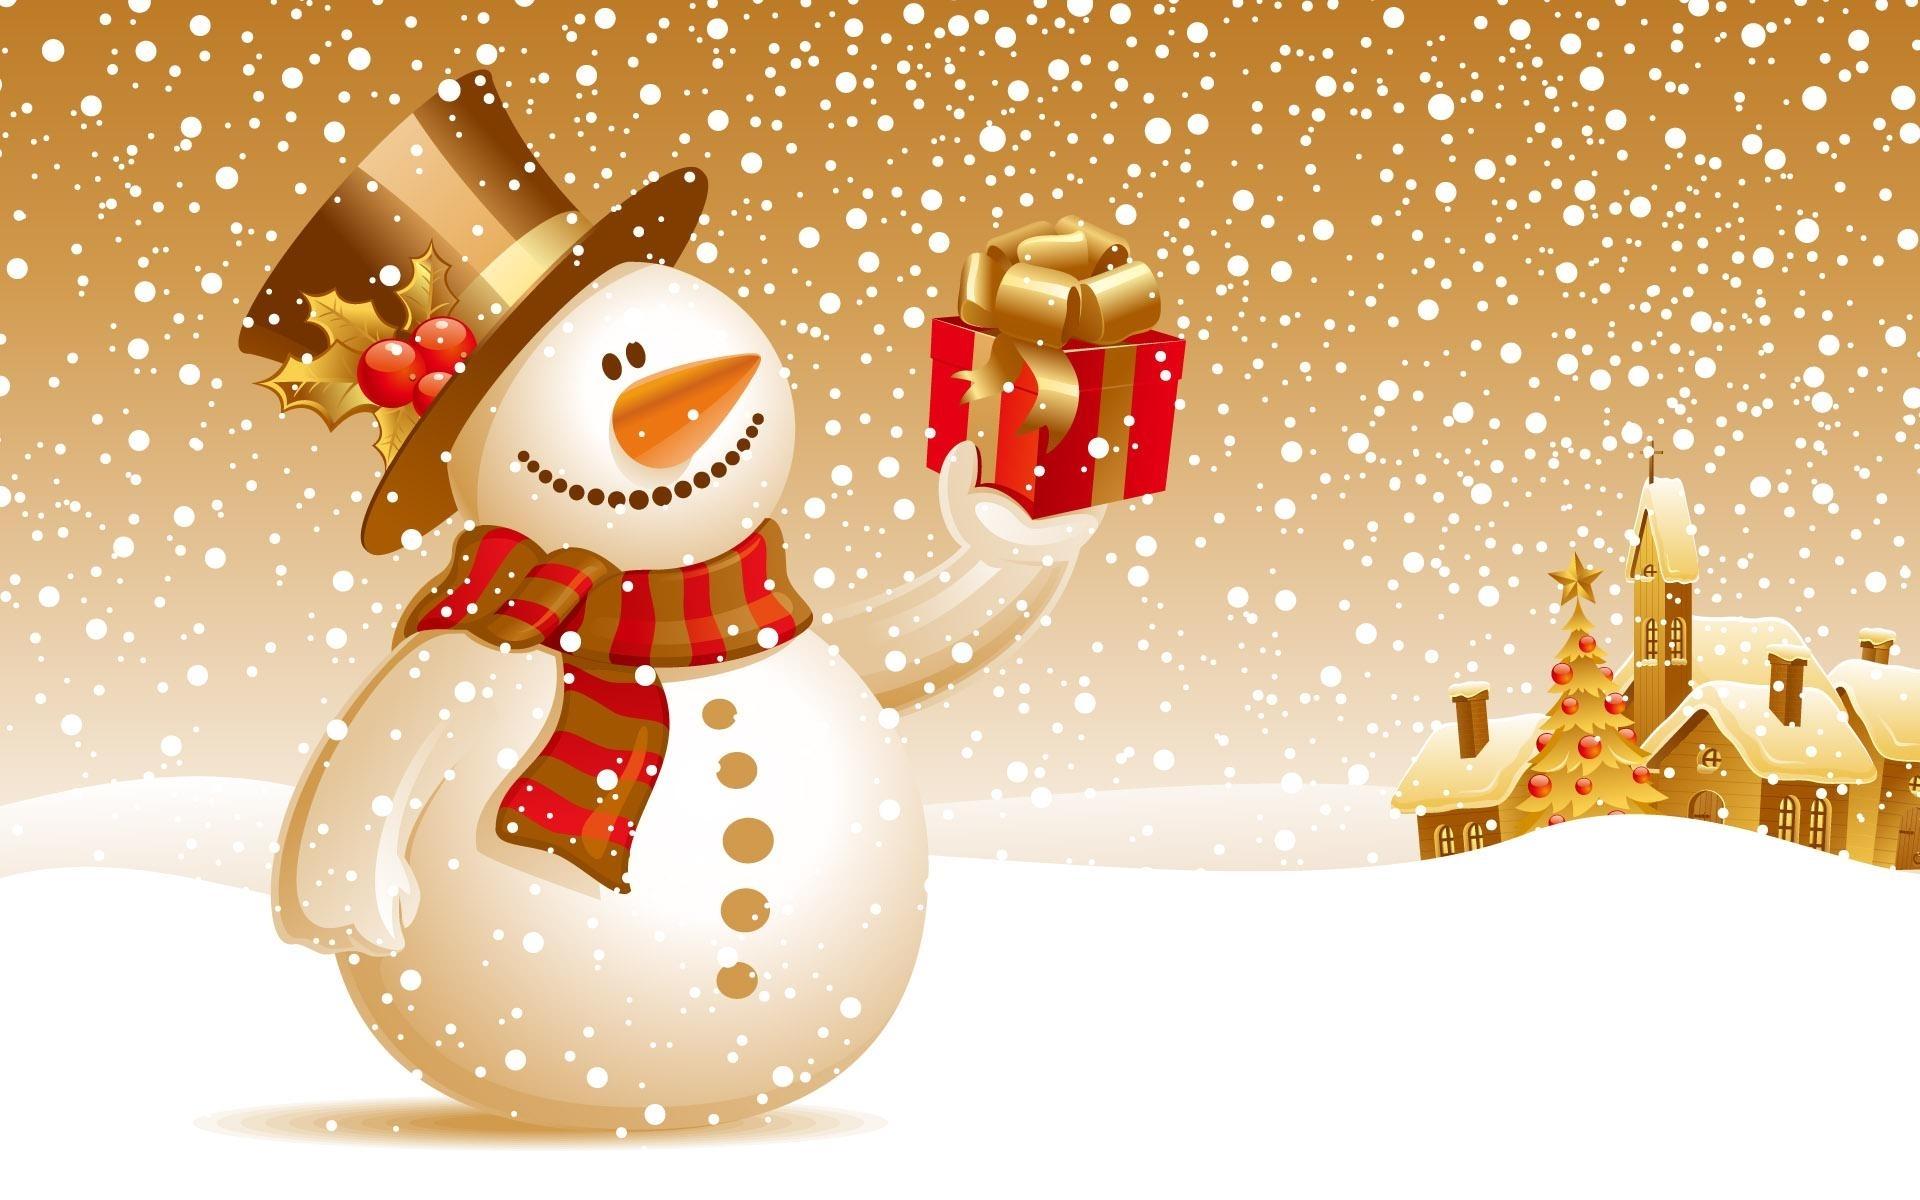 Téléchargez des papiers peints mobile Noël, Dessins, Neige, Hiver, Fêtes, Nouvelle Année gratuitement.